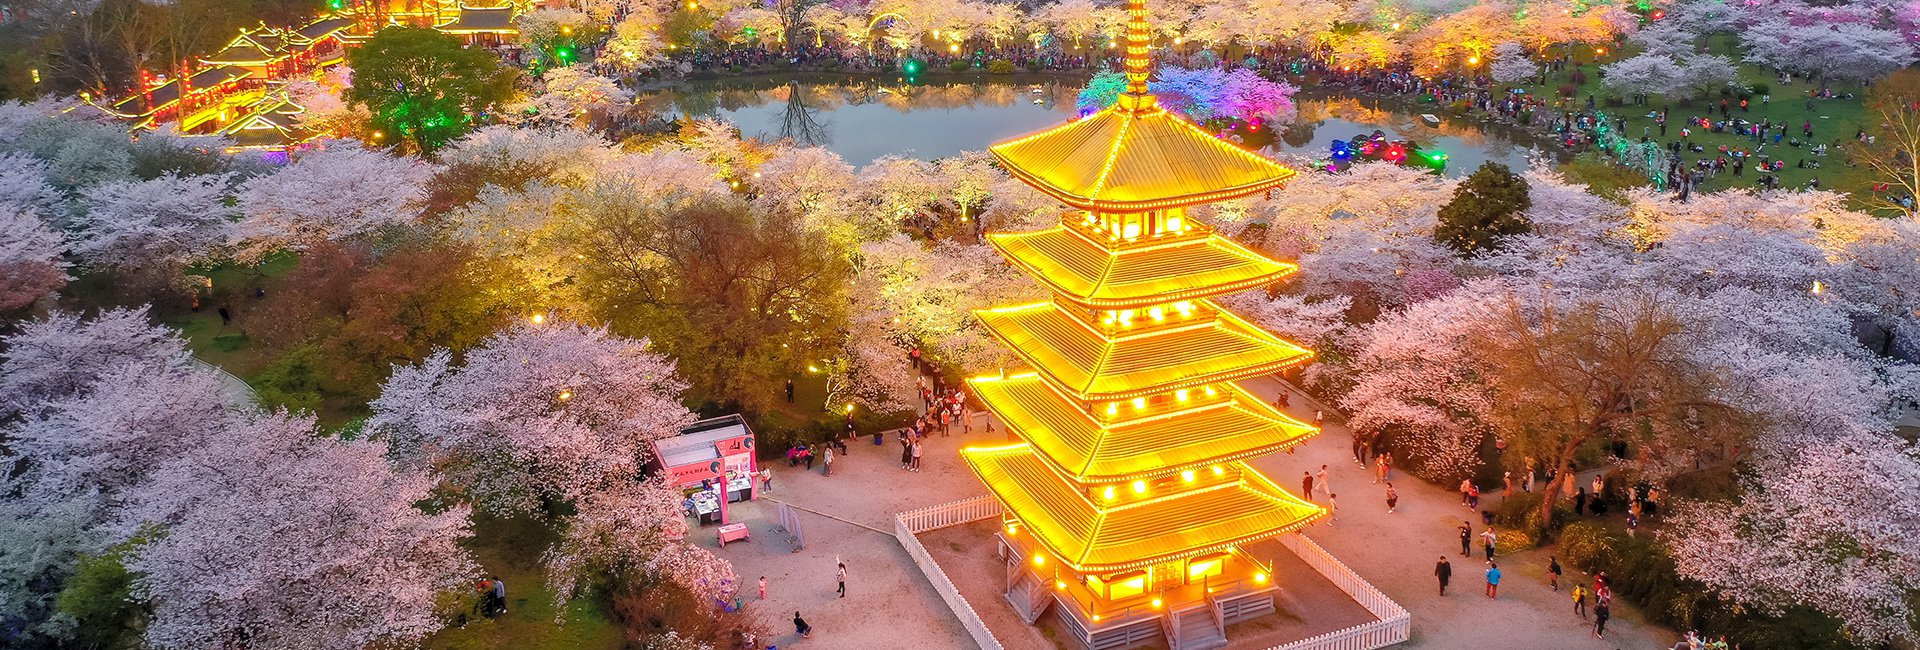 8 lý do vì sao bạn nên đi du lịch Vũ Hán